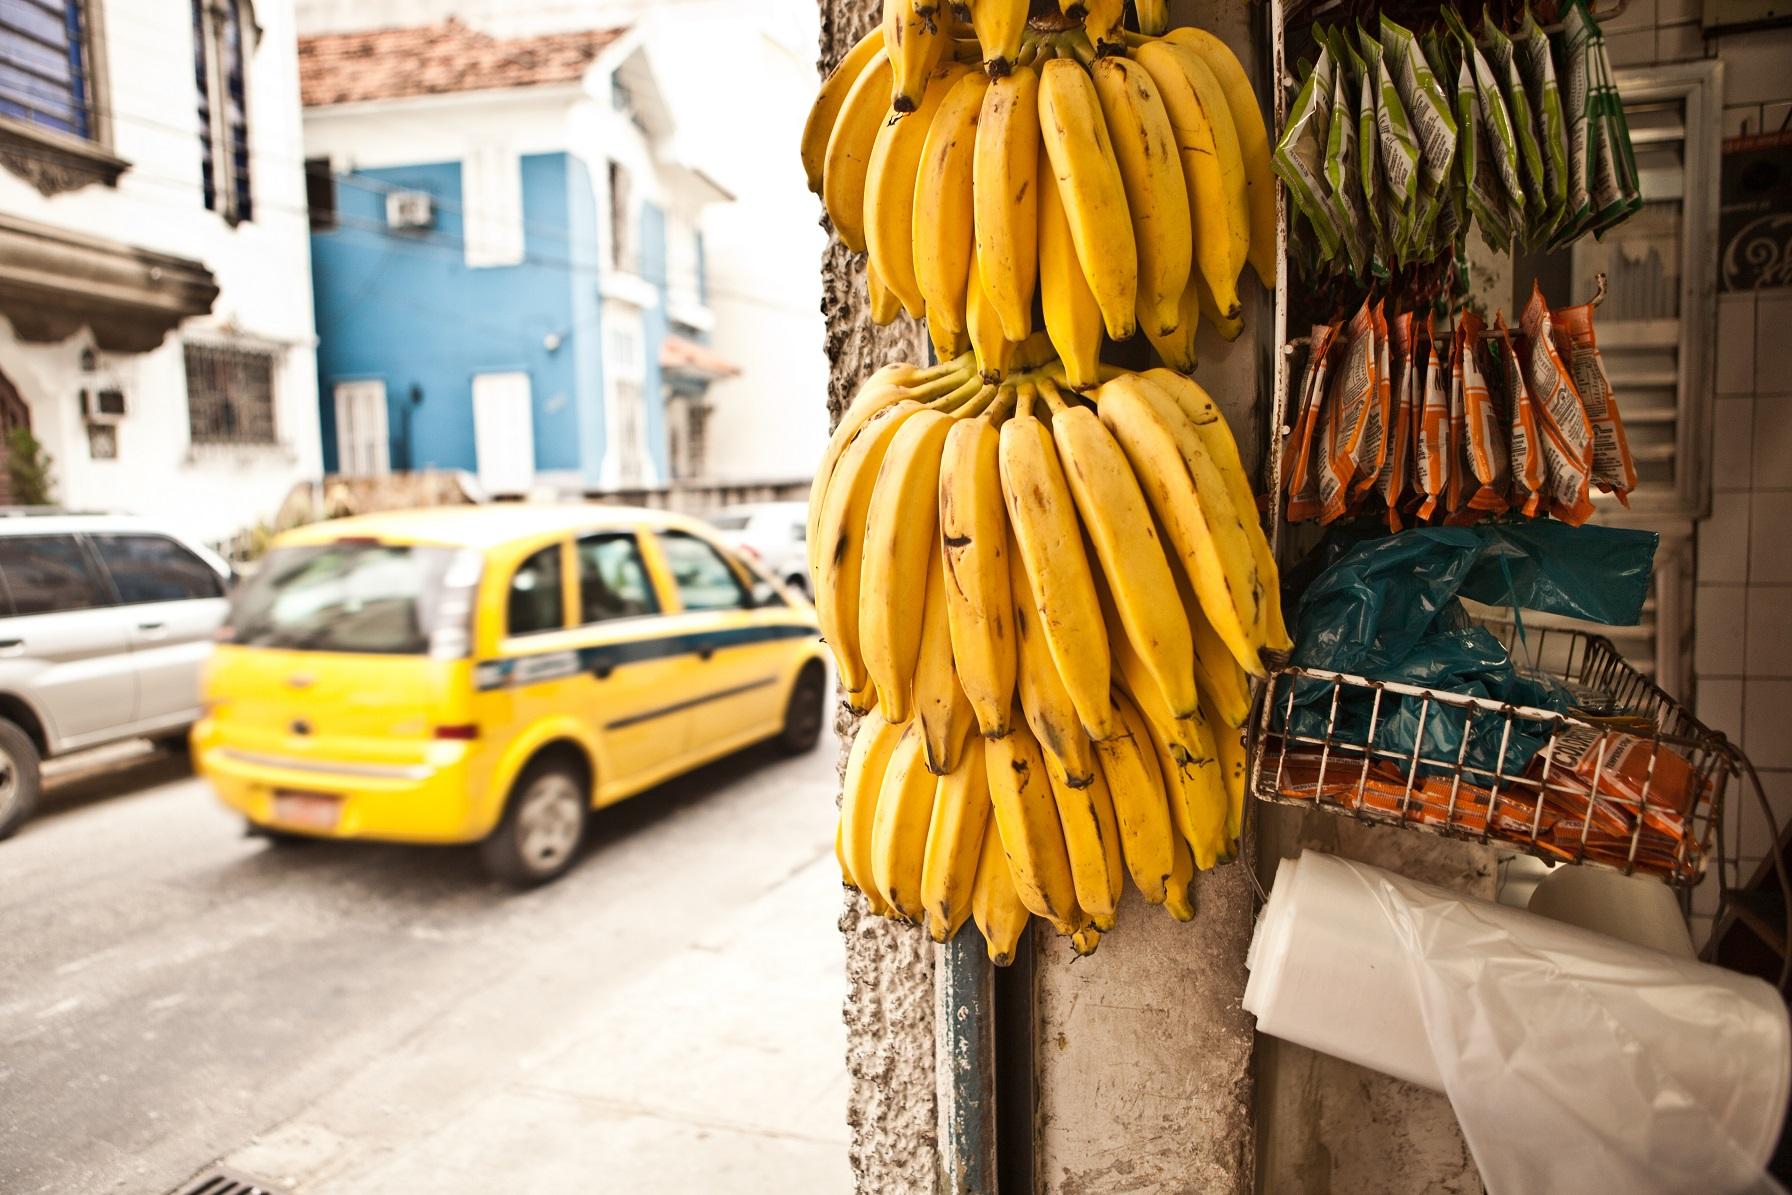 A foto com as bananas também foi ideia do pessoal do marketing. Foto JAG IMAGES / Cultura Creative